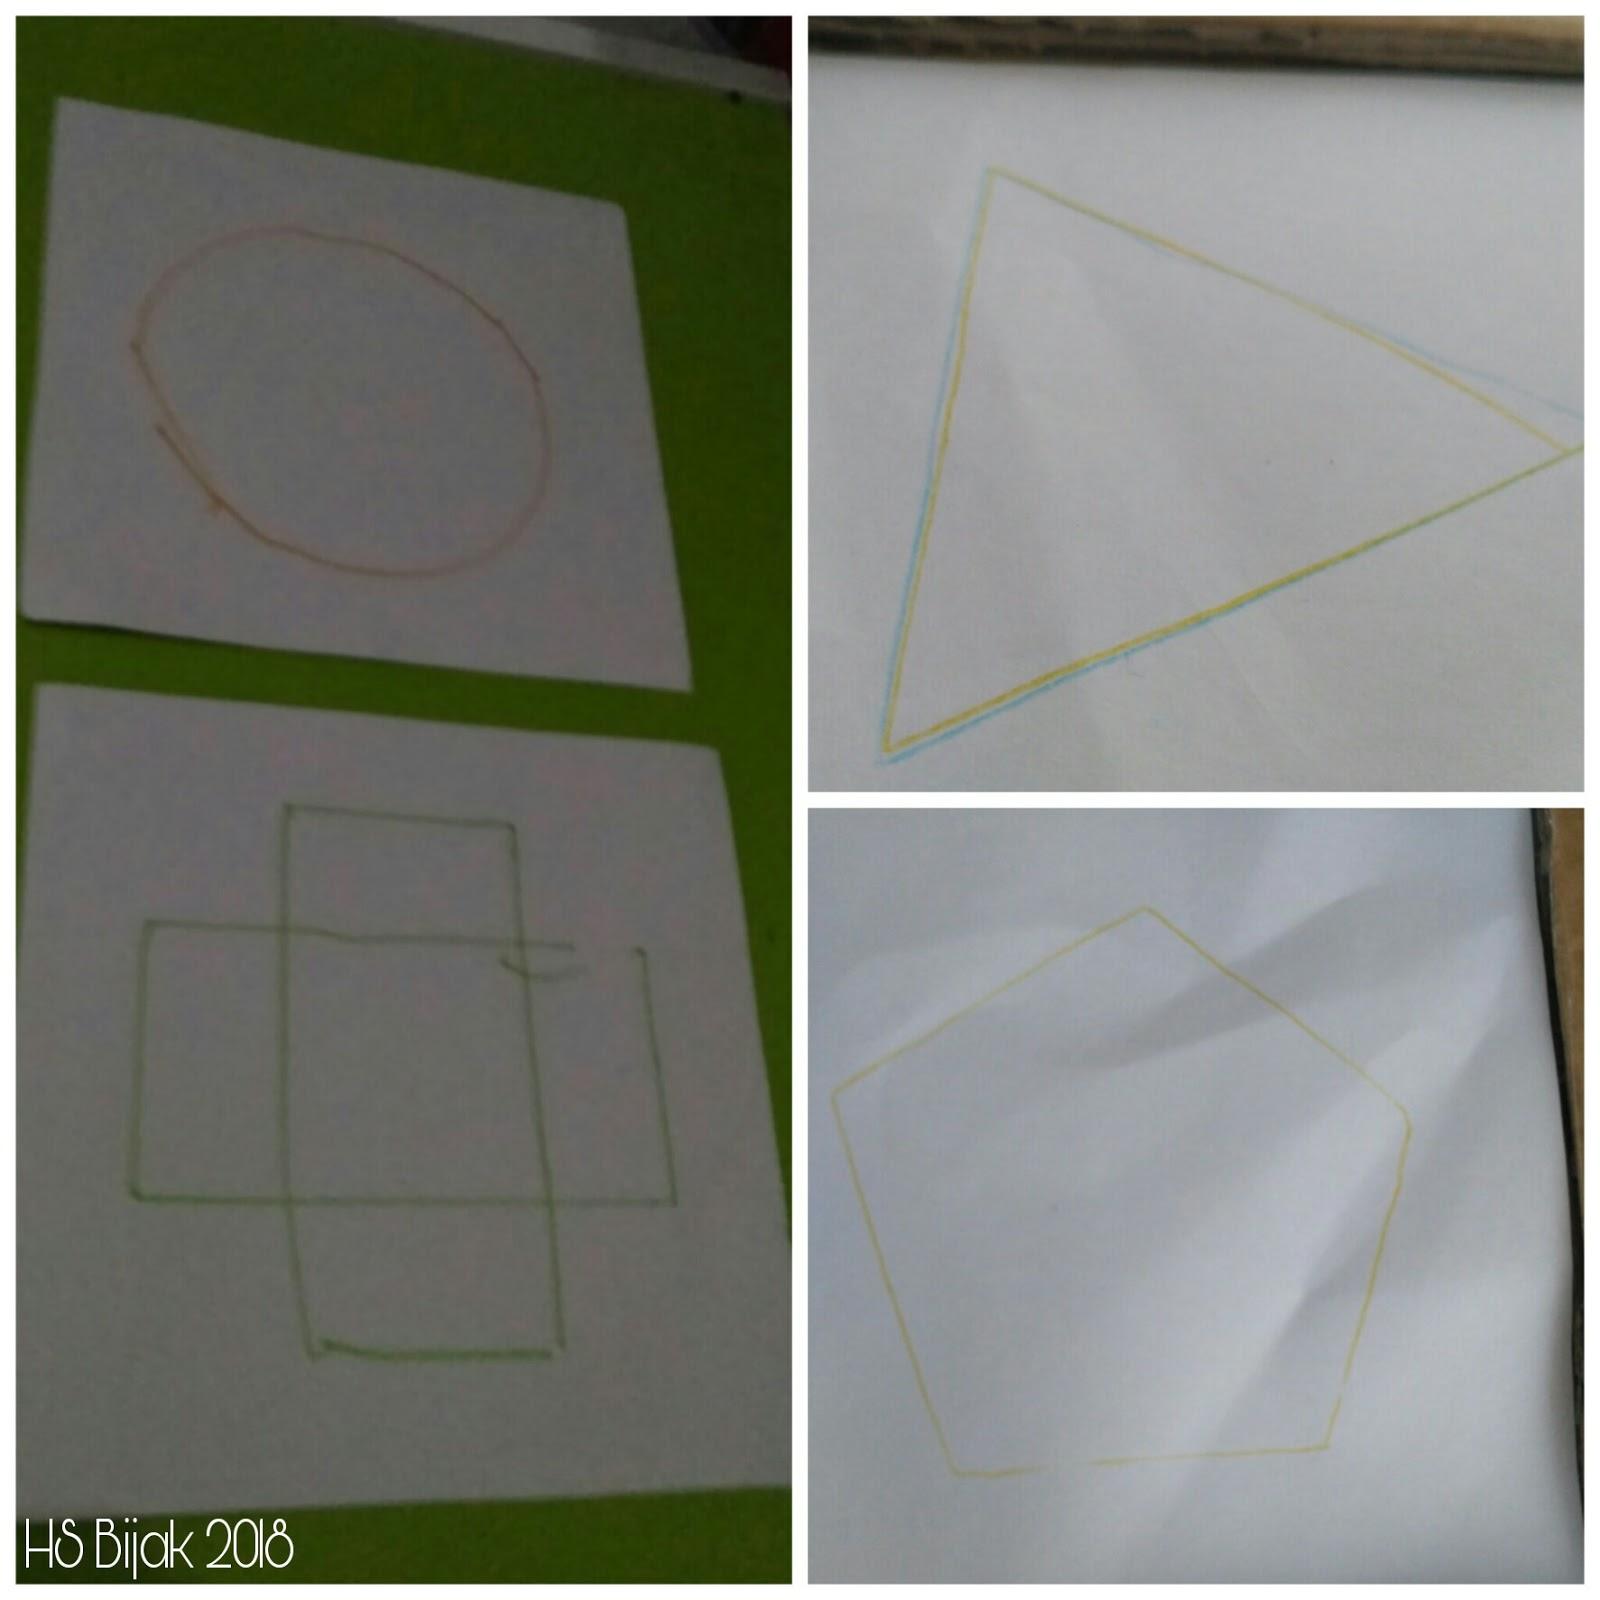 Bilal masih di tahap latihan dengan bingkai untuk bentuk yang berupa gabungan beberapa garis sudah bisa untuk lengkungan masih sulit bagi dia